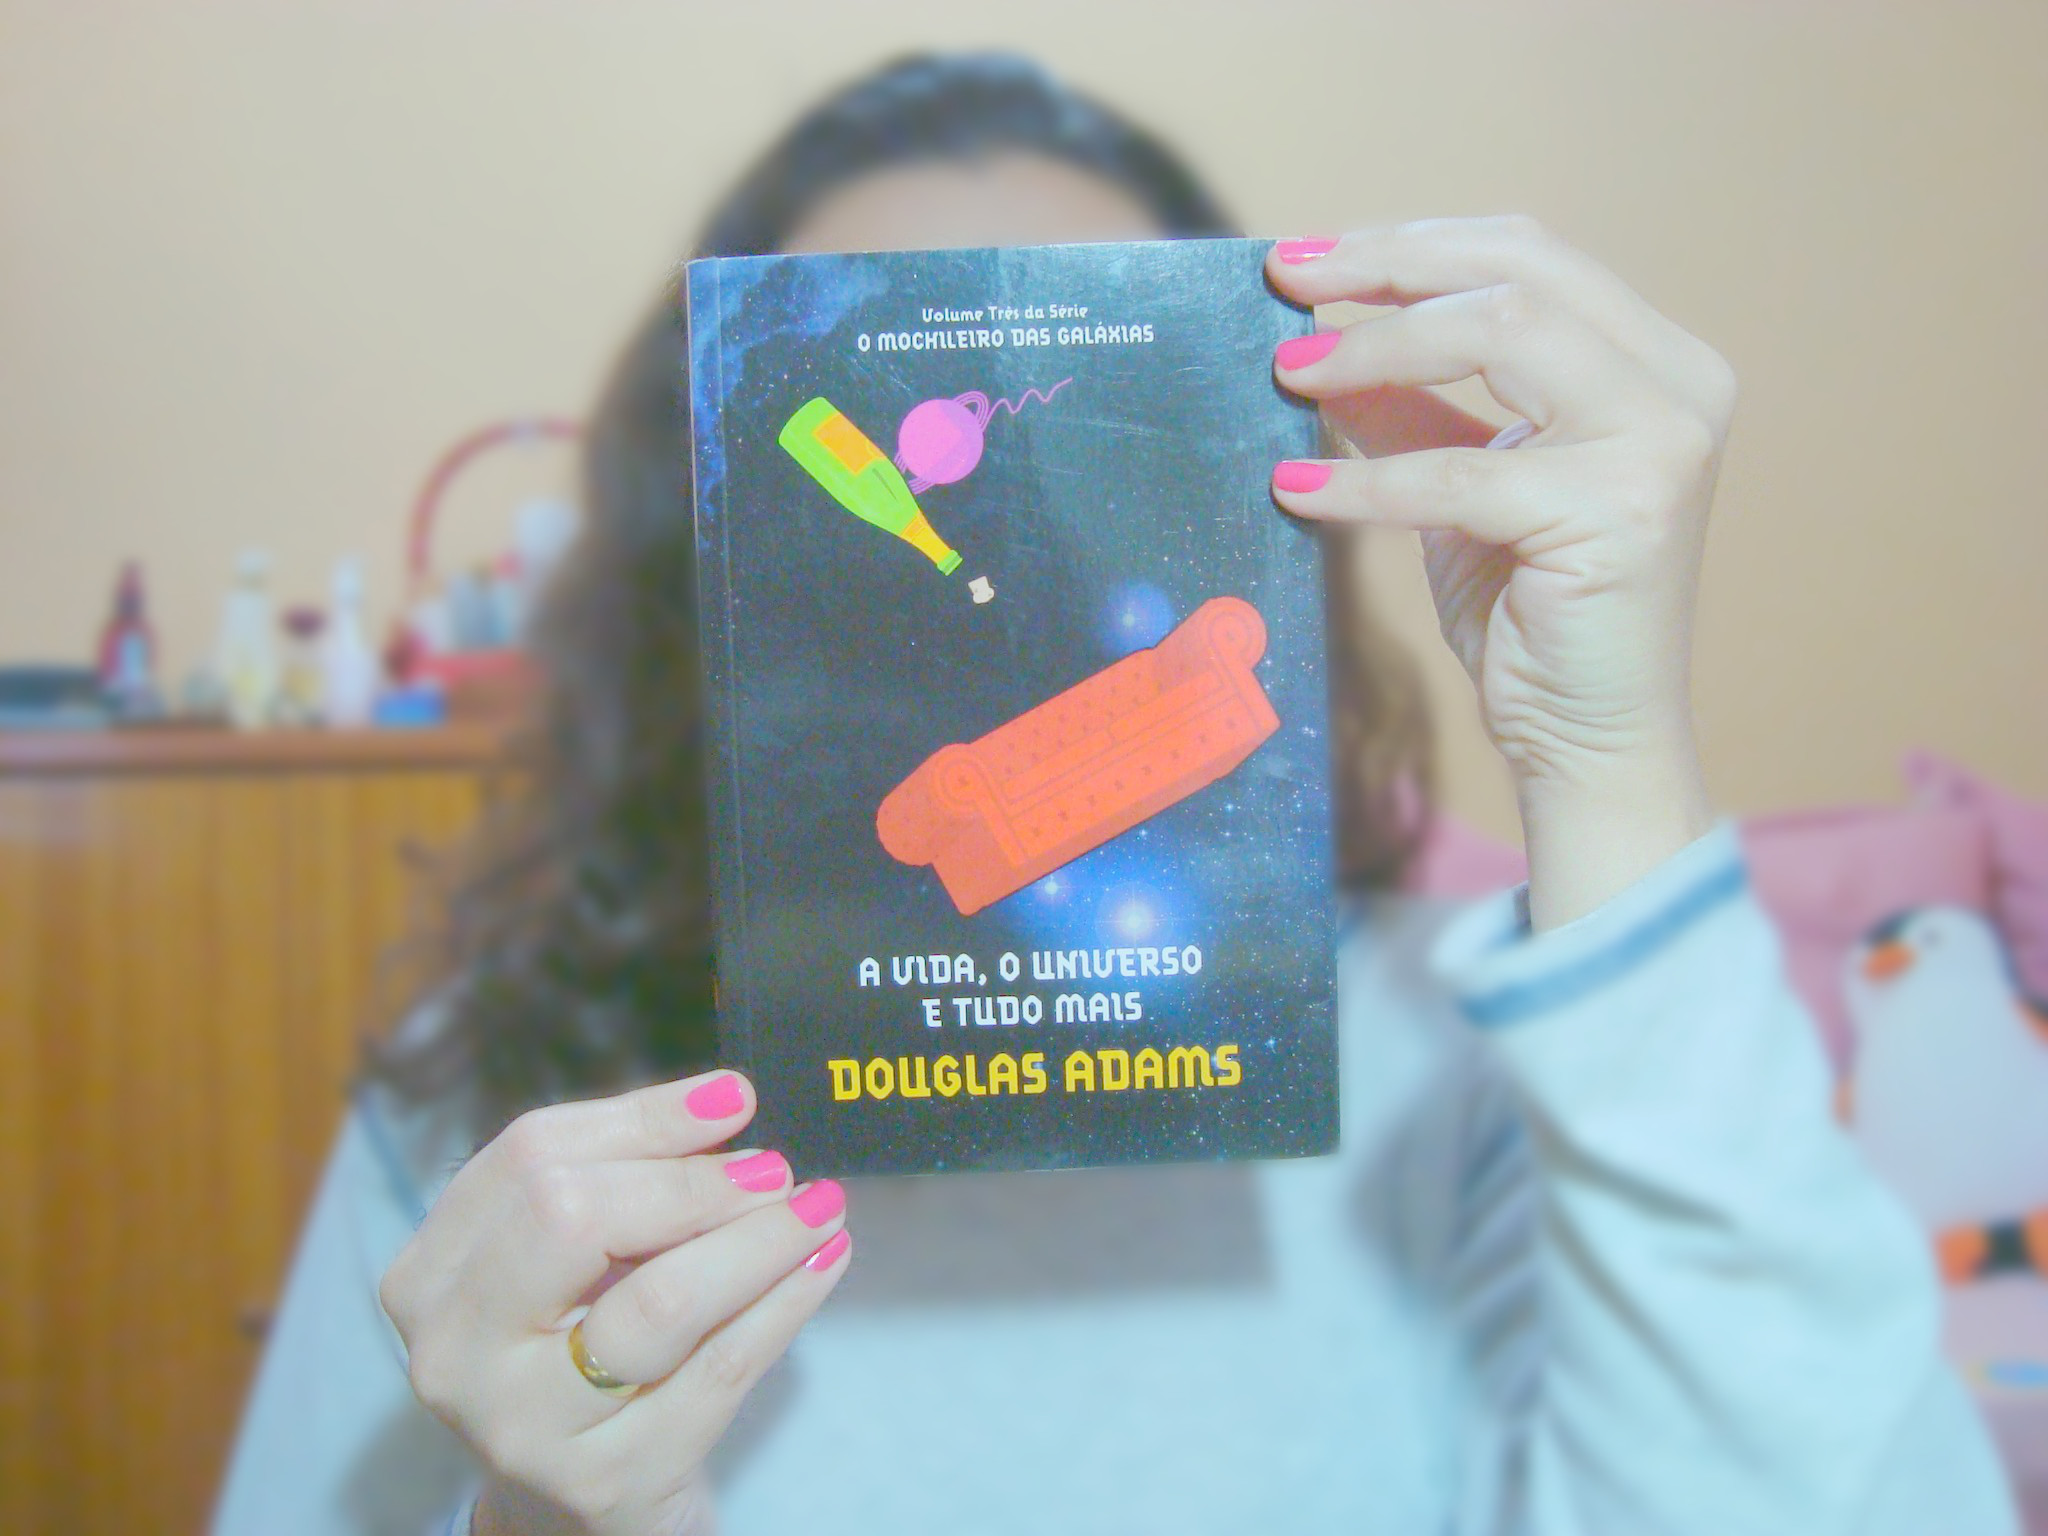 capa  livro A vida, o universo e tudo mais da série O Guia do Mochileiro das Galáxias